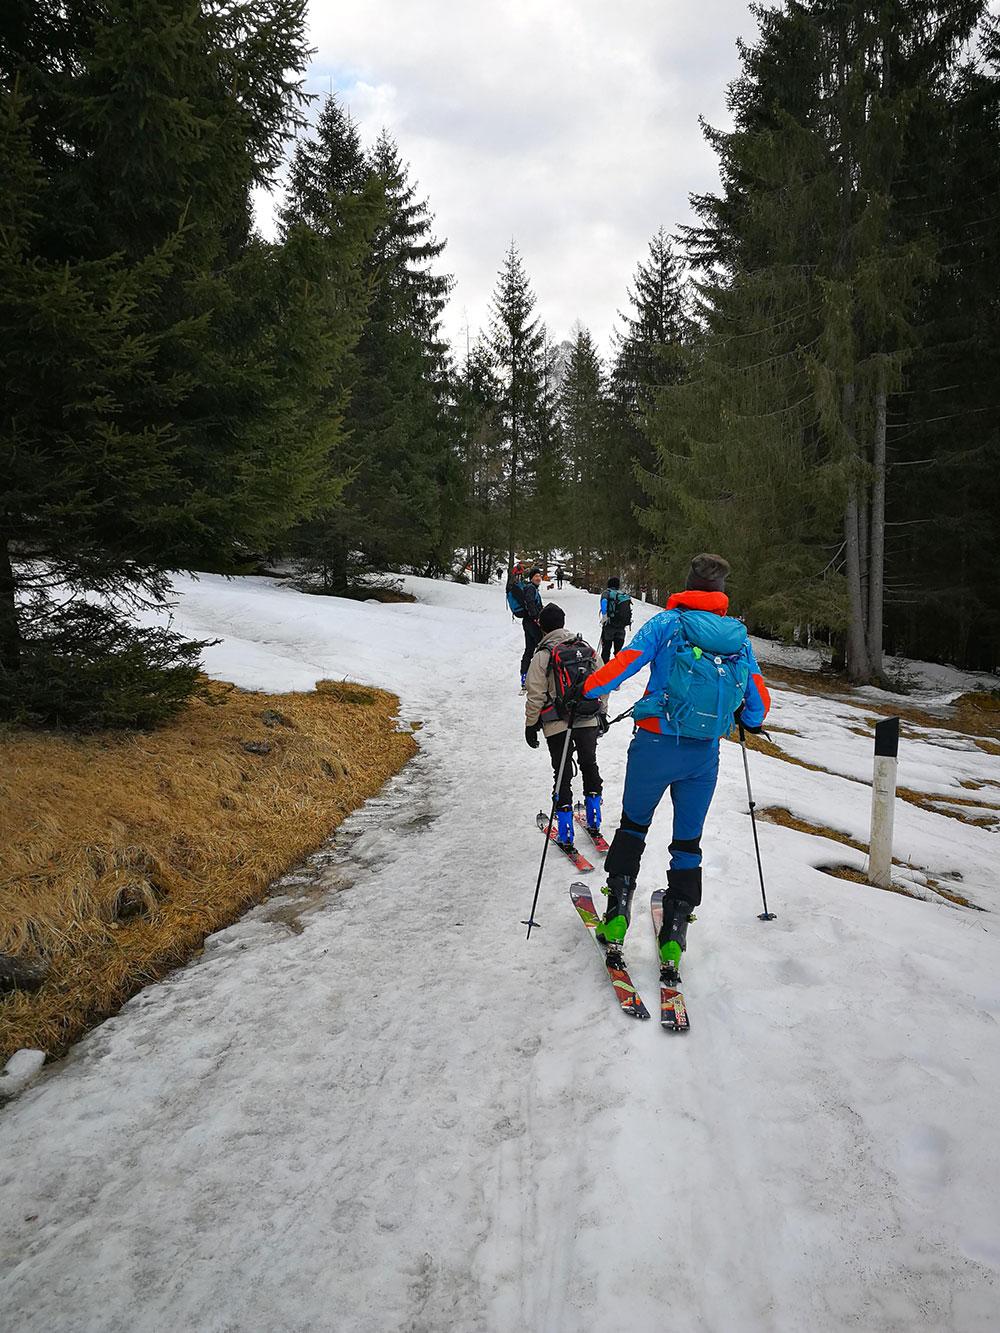 skialp-campioncino-schilpario